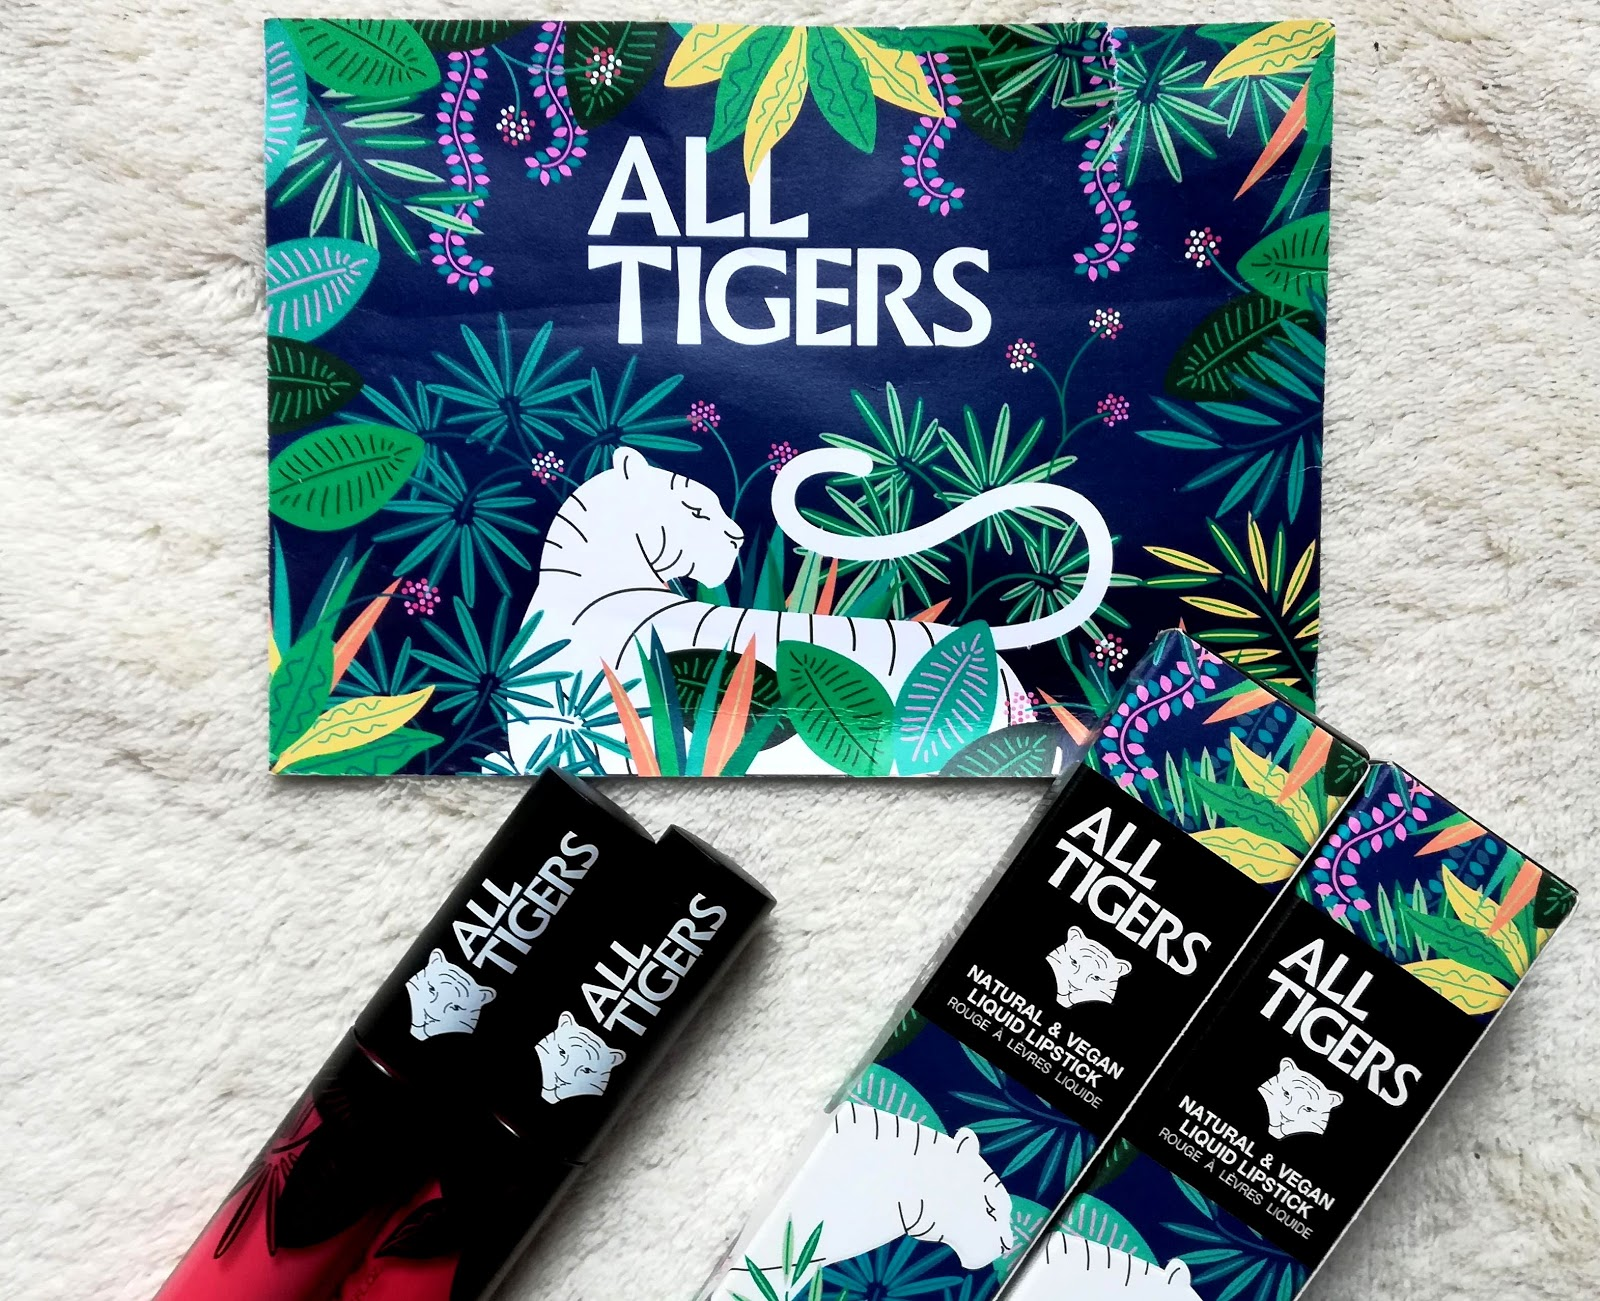 ALL TIGERS  Découverte de la nouvelle marque de lipstick mat, naturel & vegan